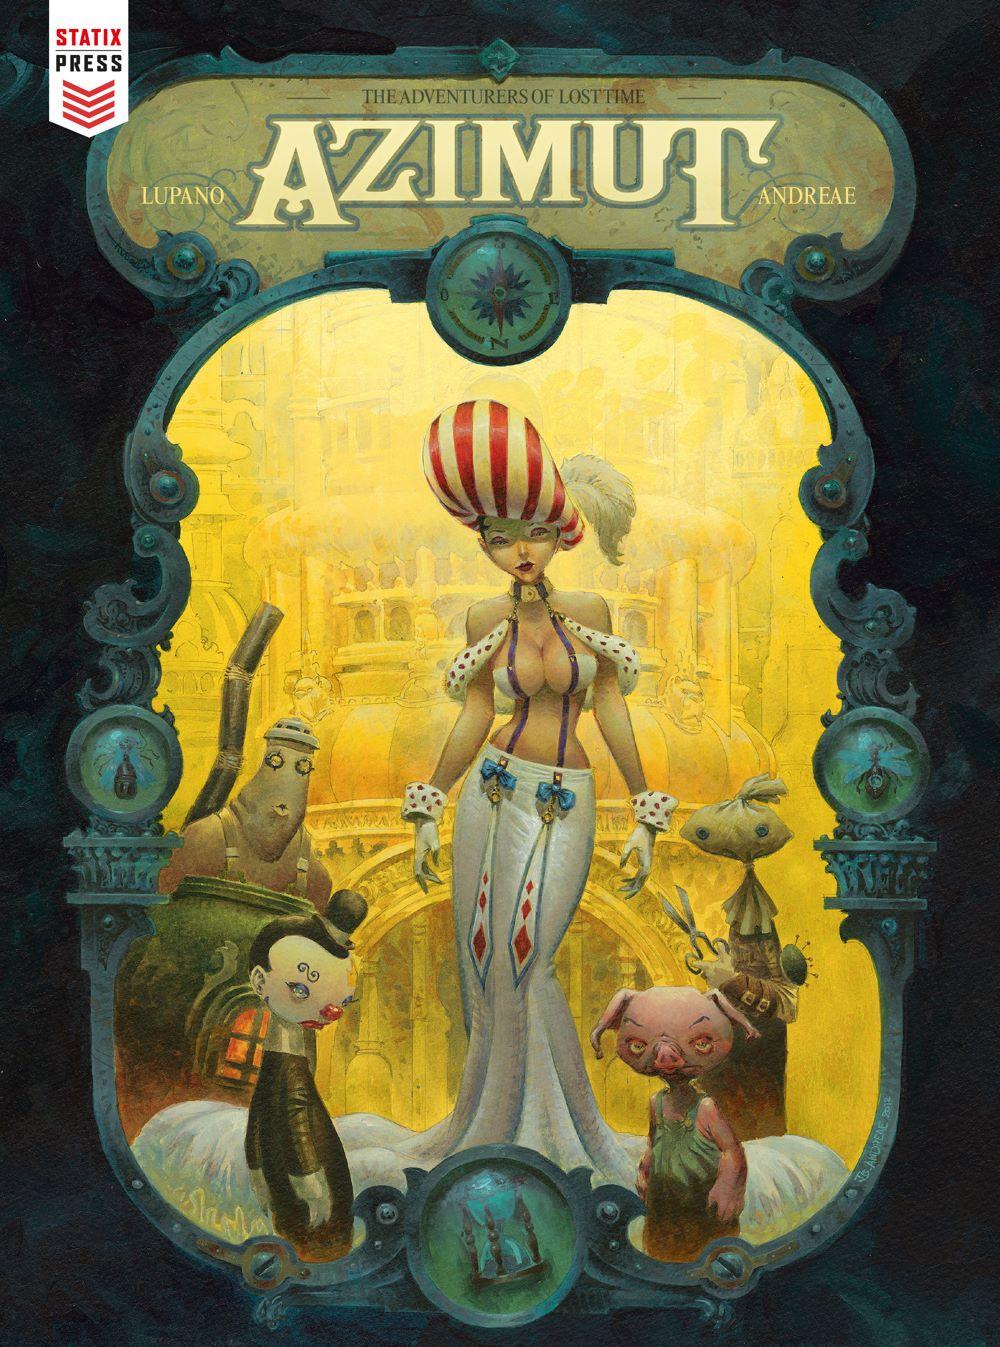 Azimut-Cover Titan Comics July 2021 Solicitations